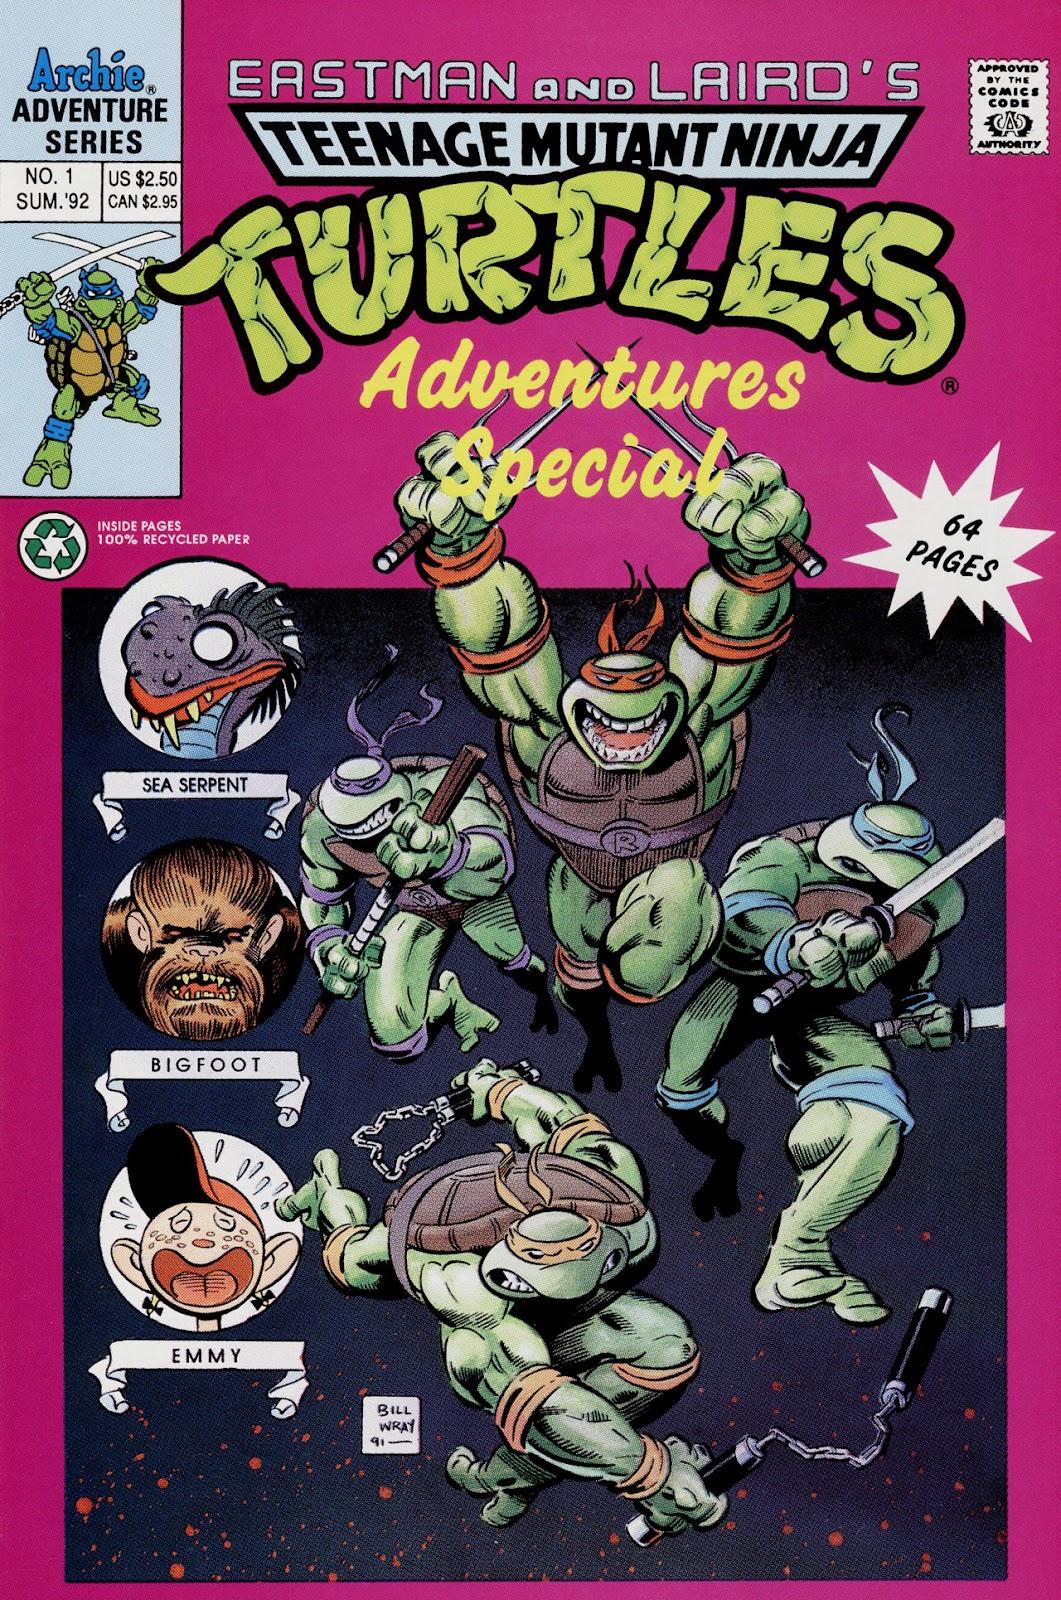 8d80b31acf7f90 Teenage Mutant Ninja Turtles Adventures (1989)  Special 1  1 - English 1 ...